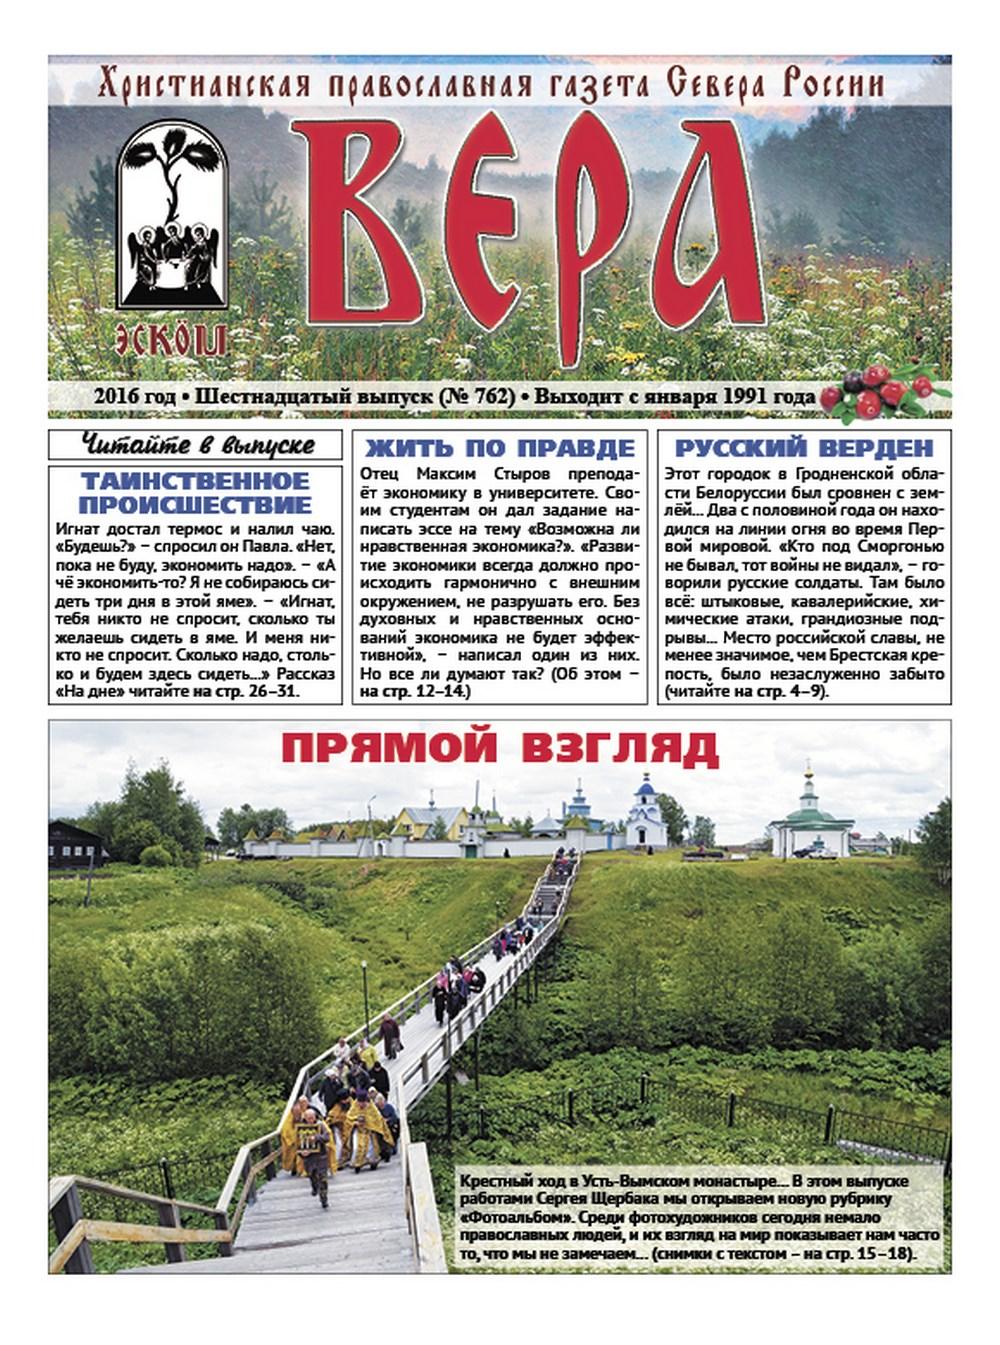 vera_762_oblozhka